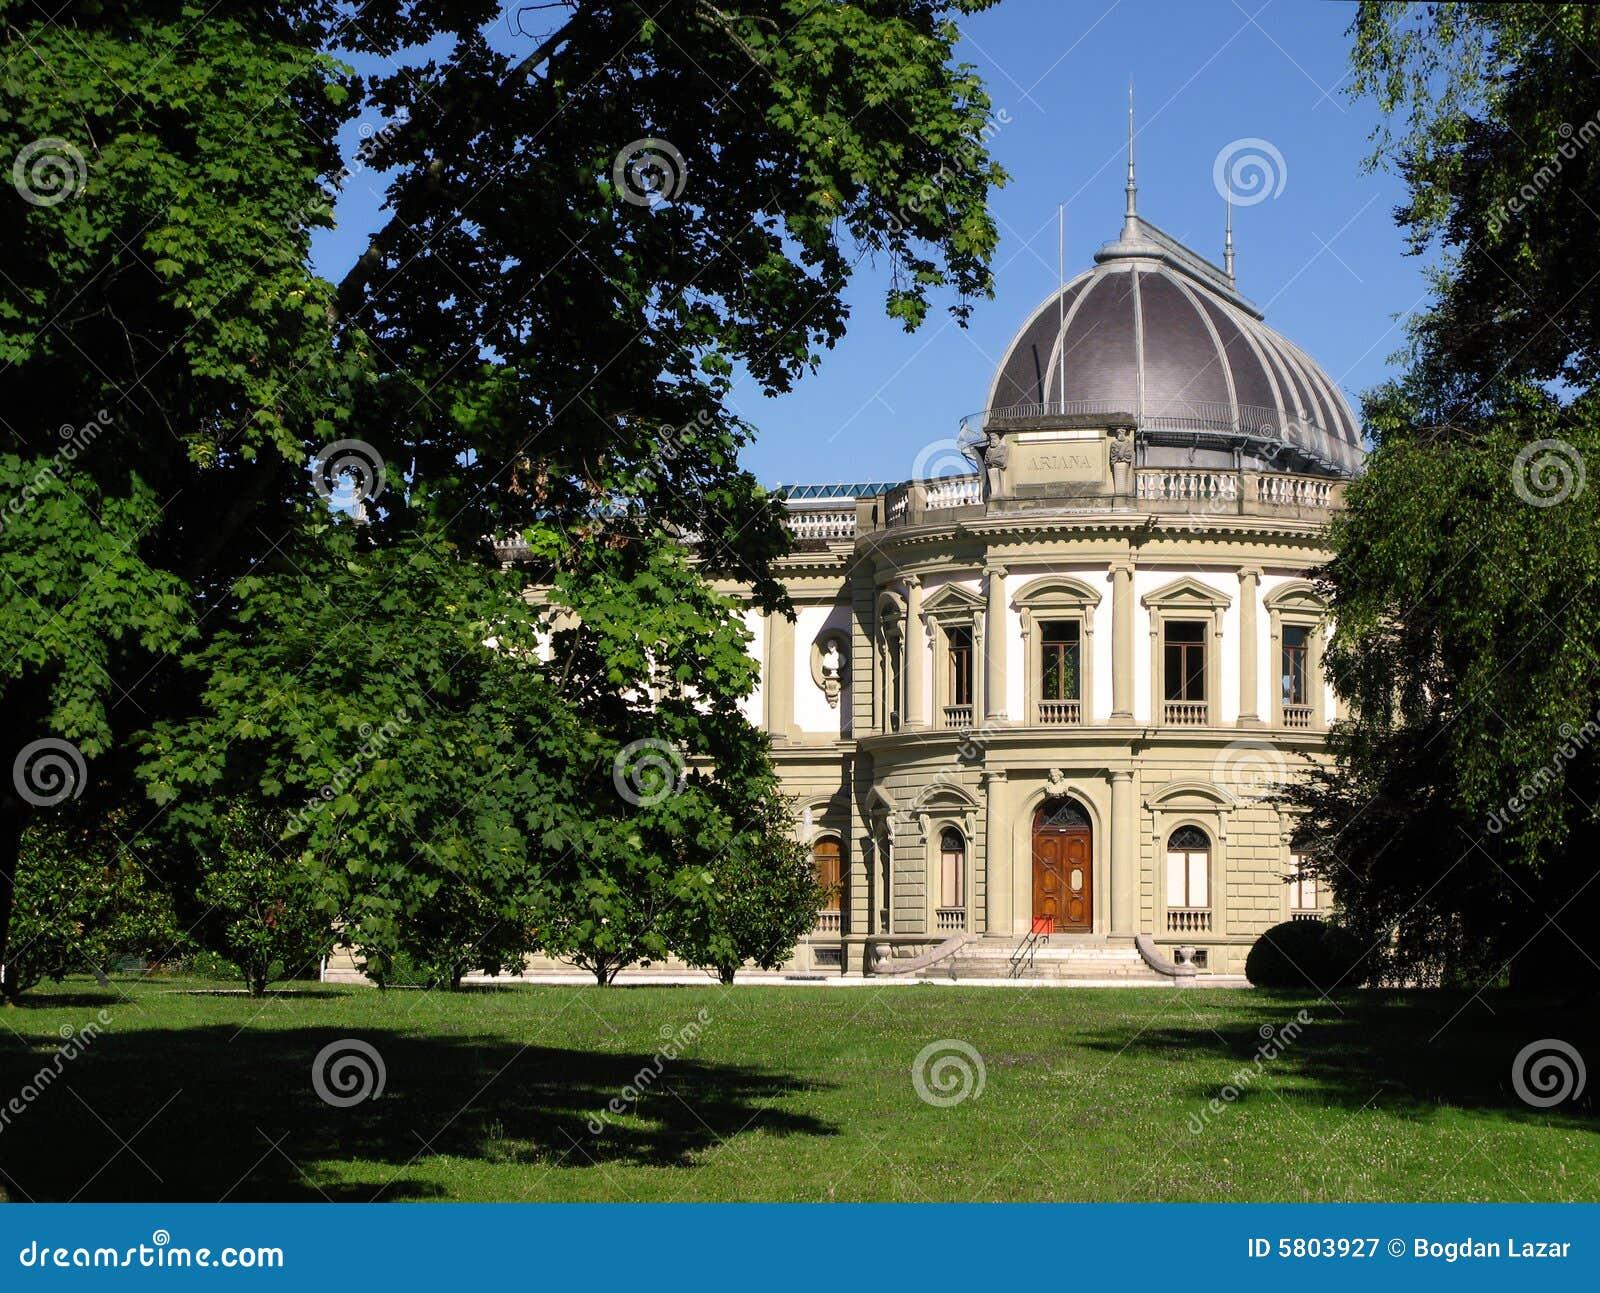 Download Ariana Museum 02, Geneva, Switzerland Stock Image - Image of travel, green: 5803927